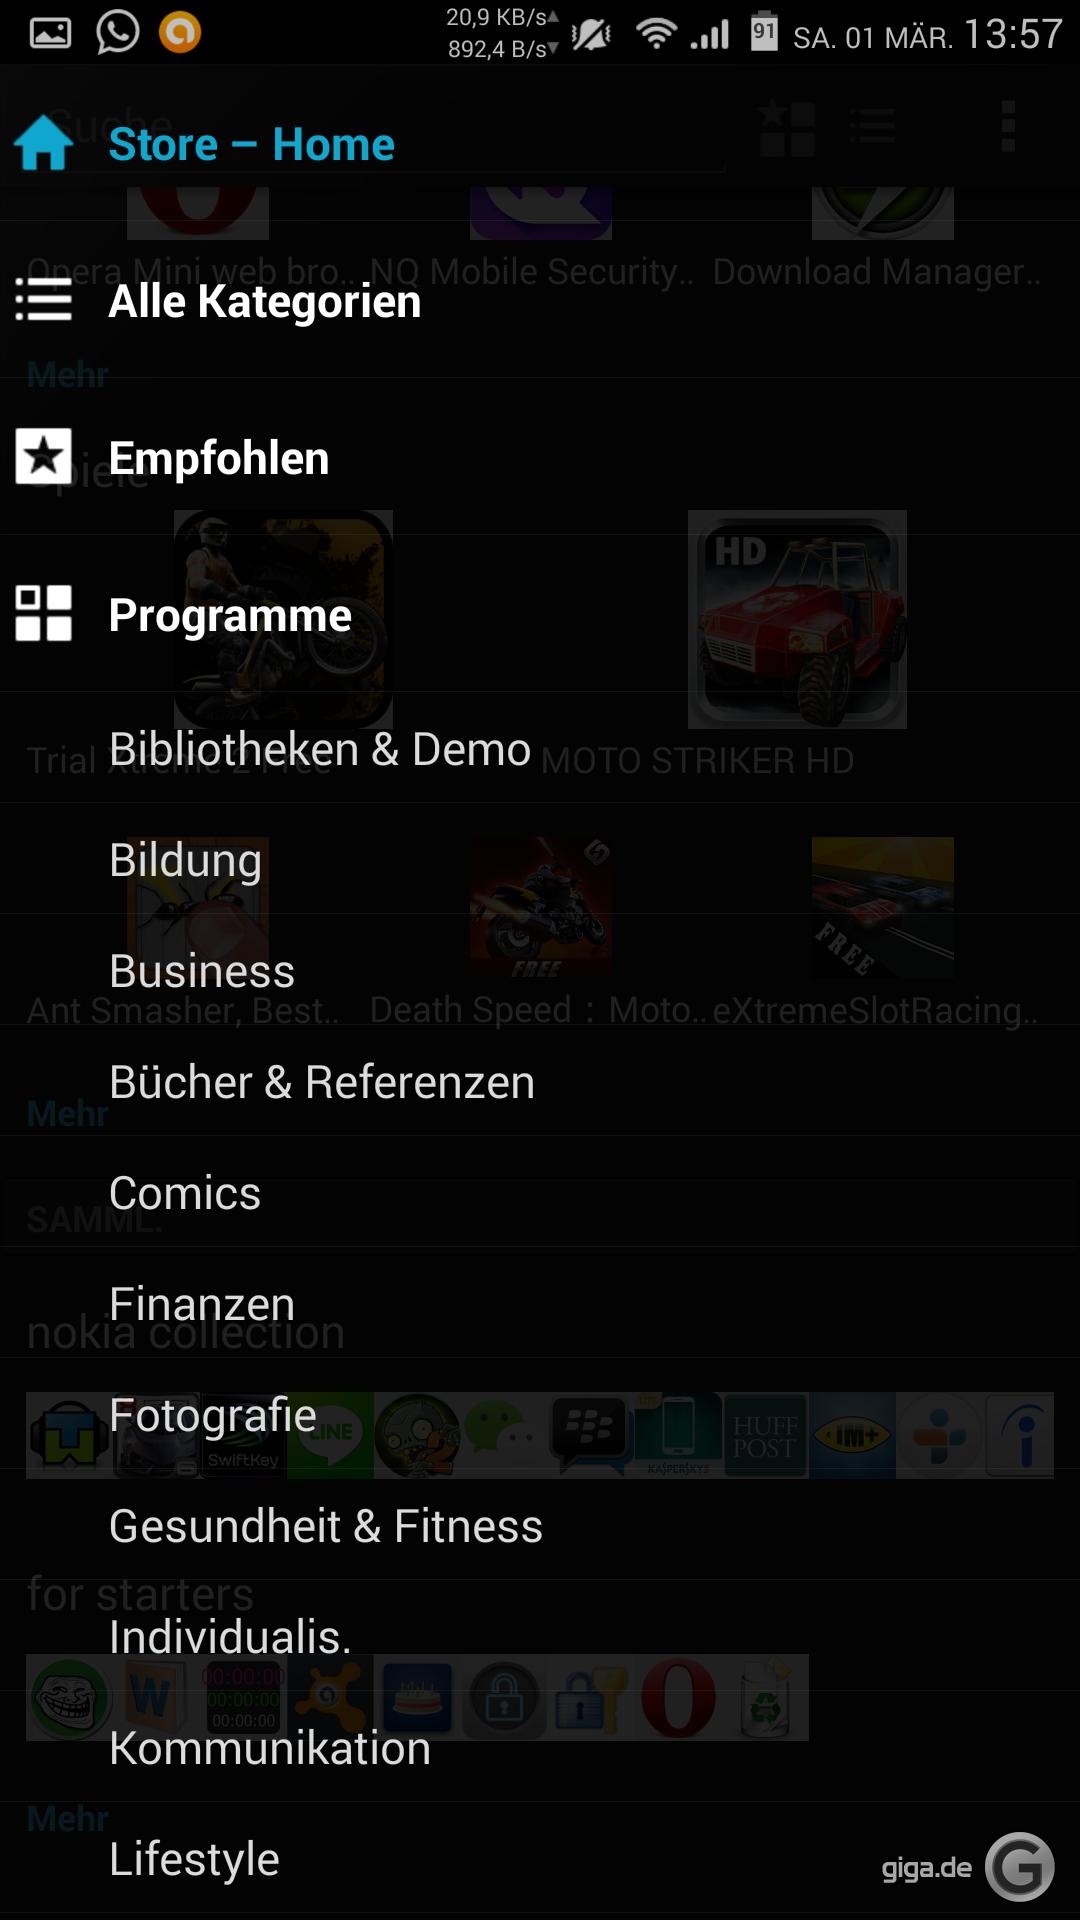 Nokia x nokia app store auf anderen geräten installieren download